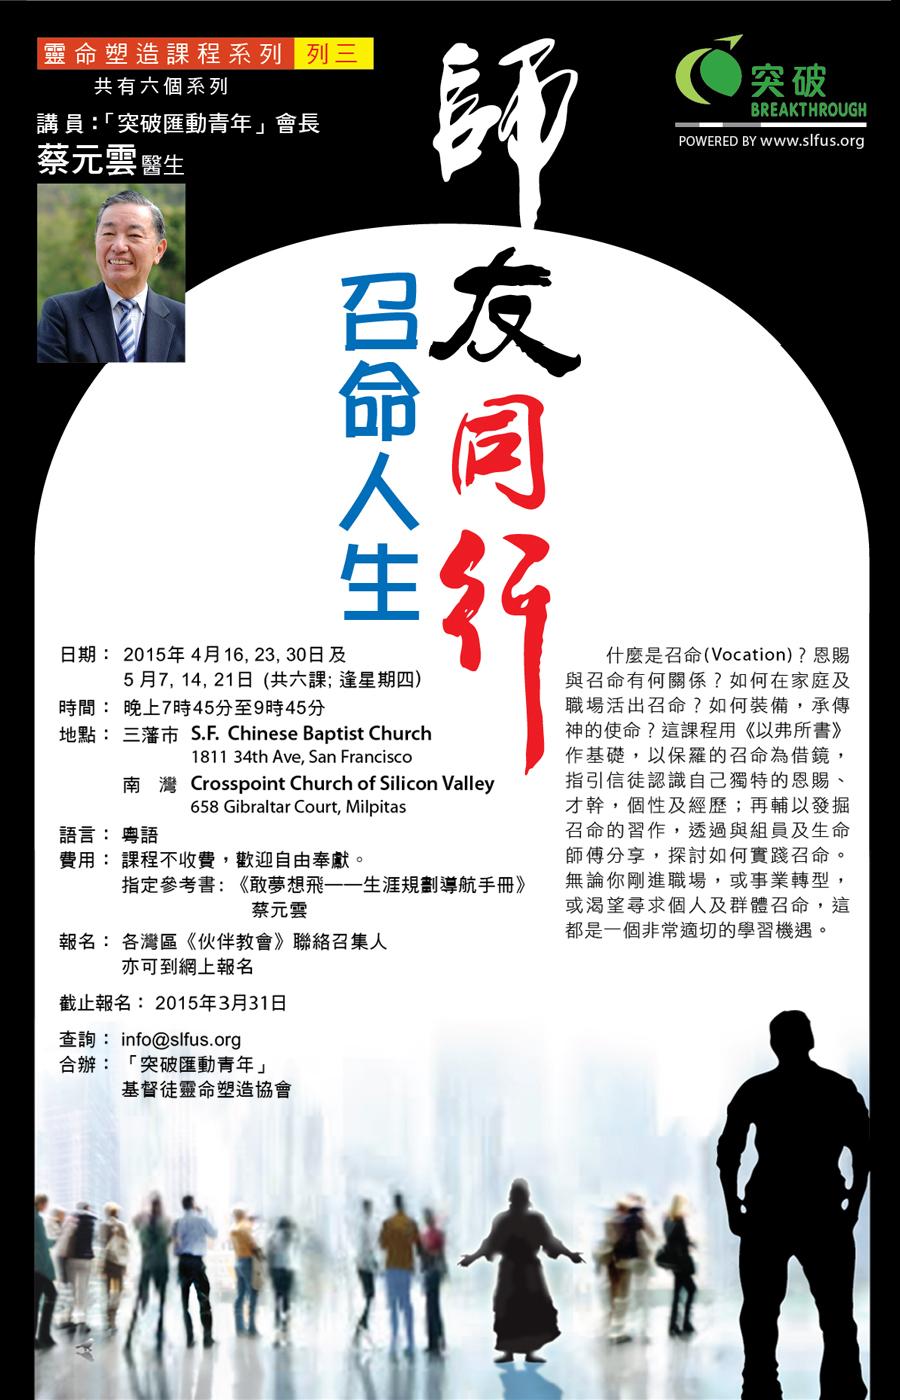 「師友同行 召命人生 」Poster_JPG